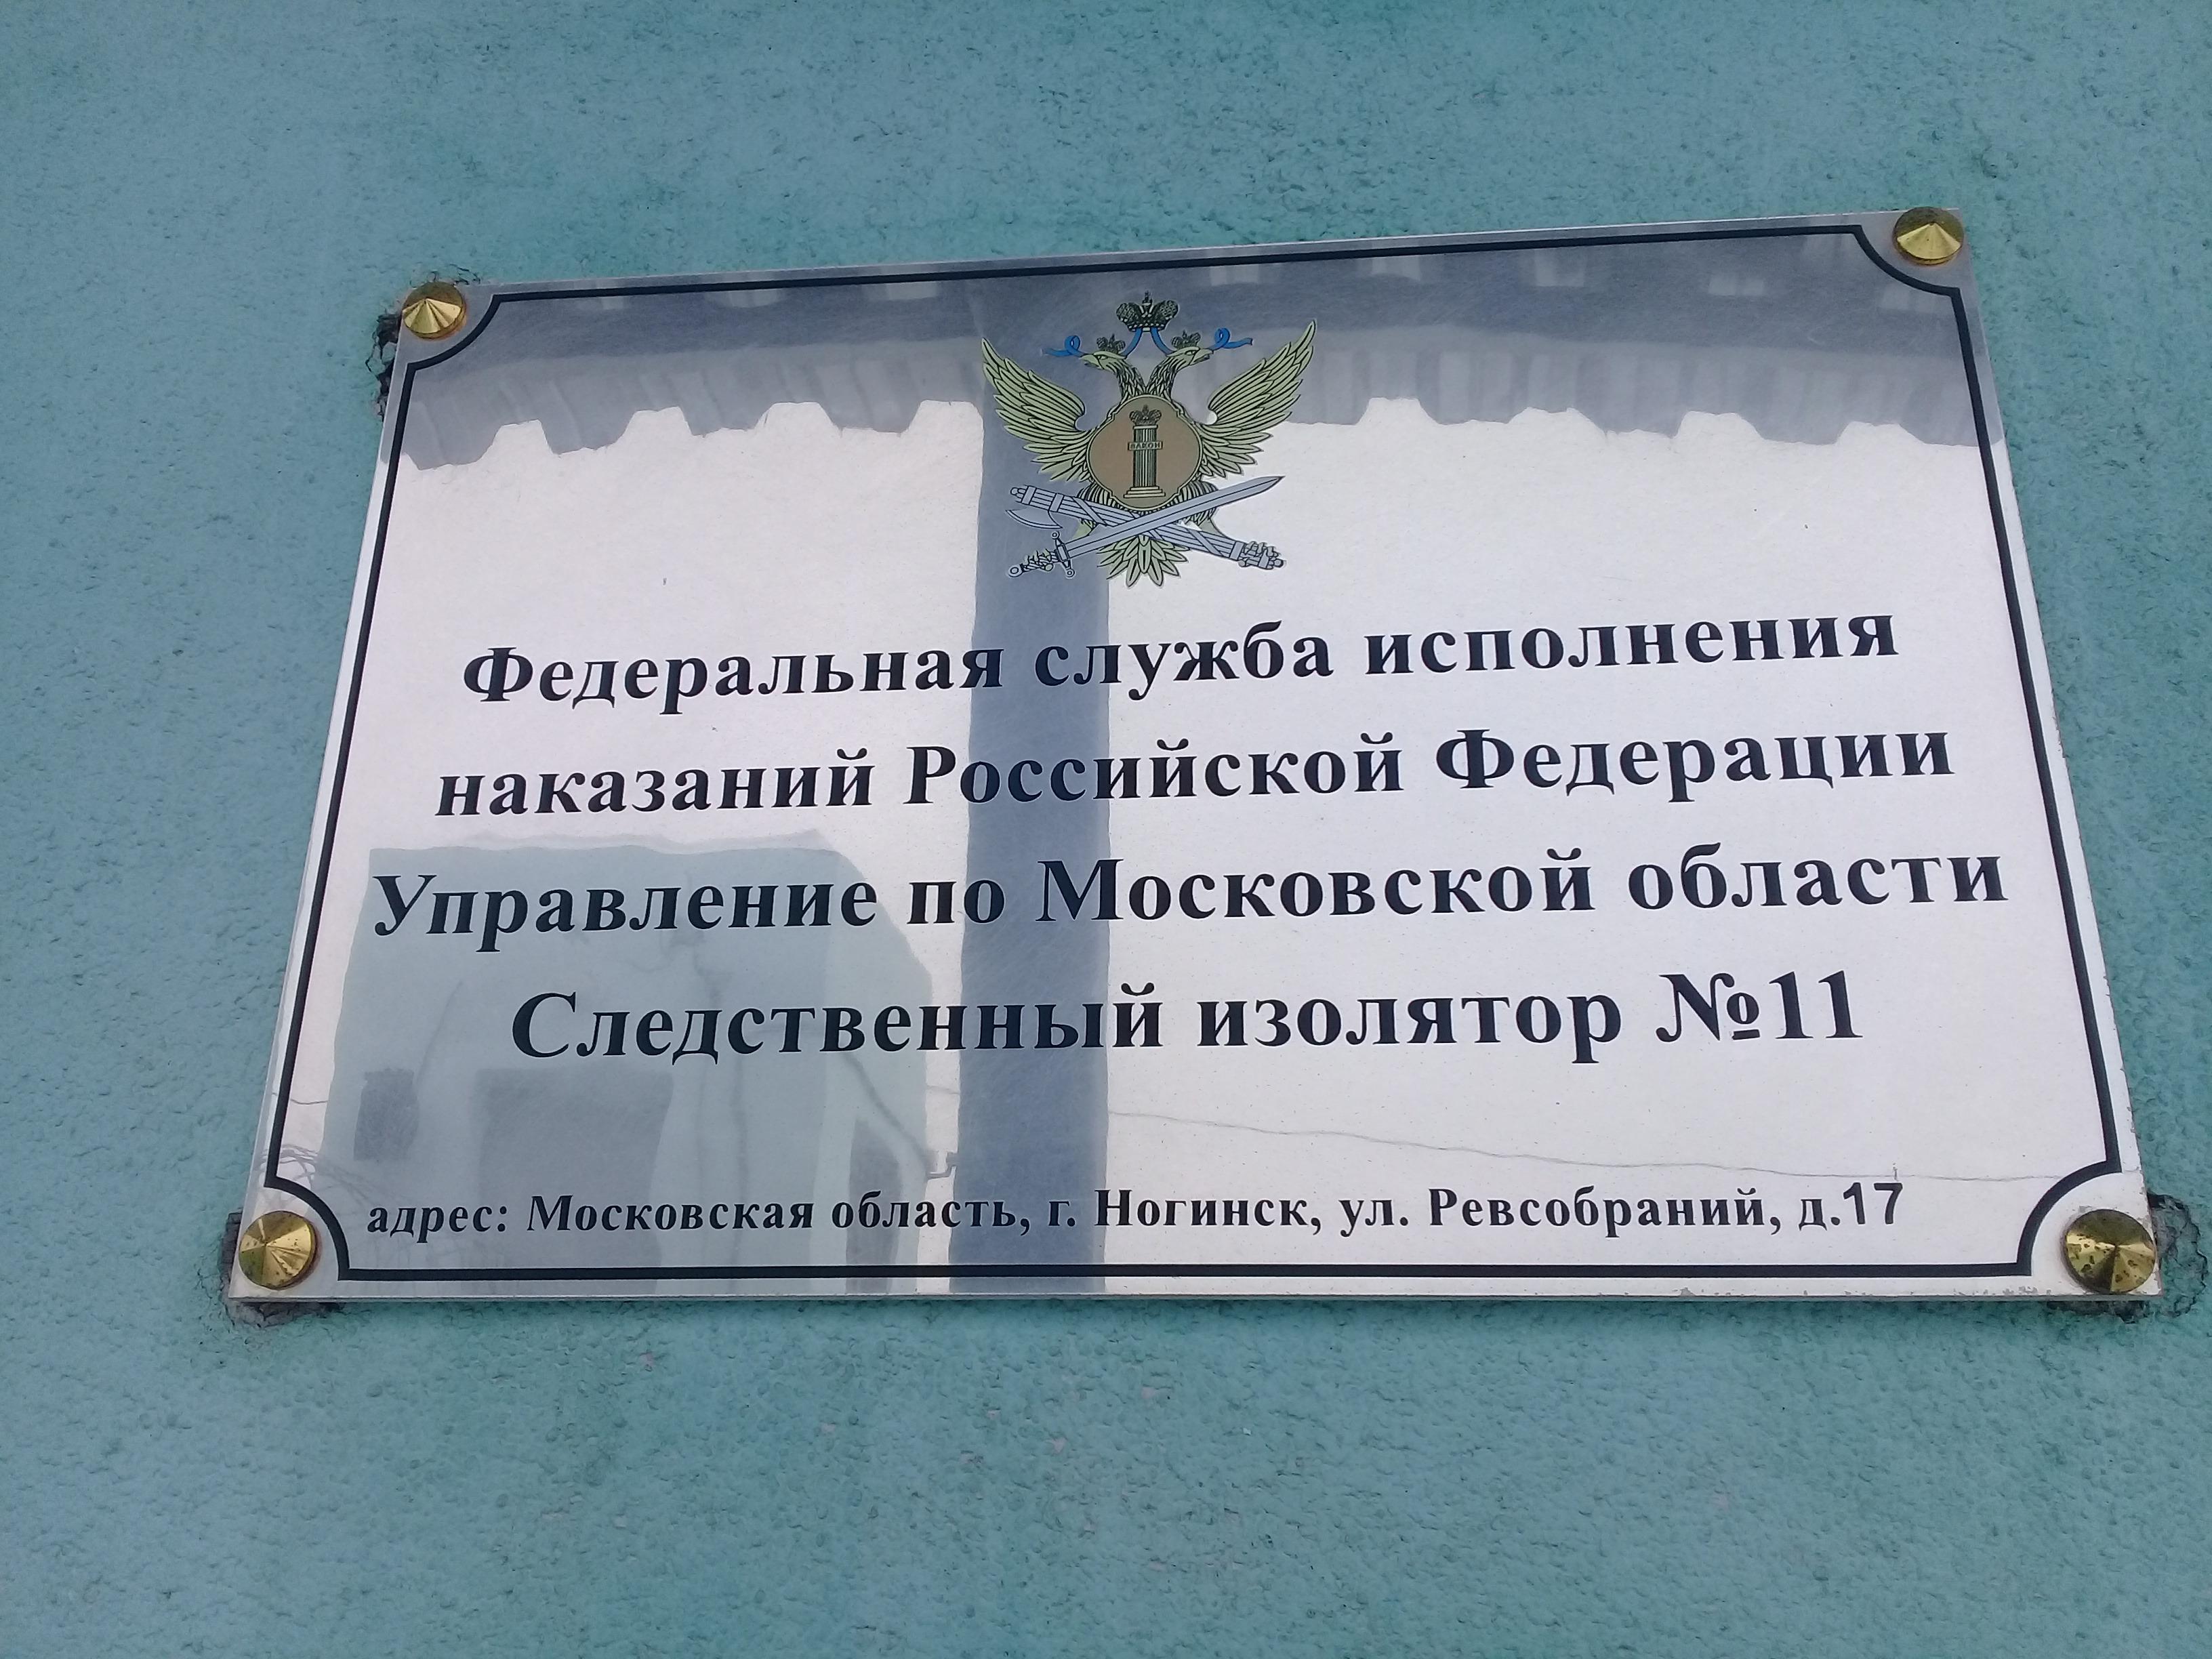 sizo_noginsk (2)